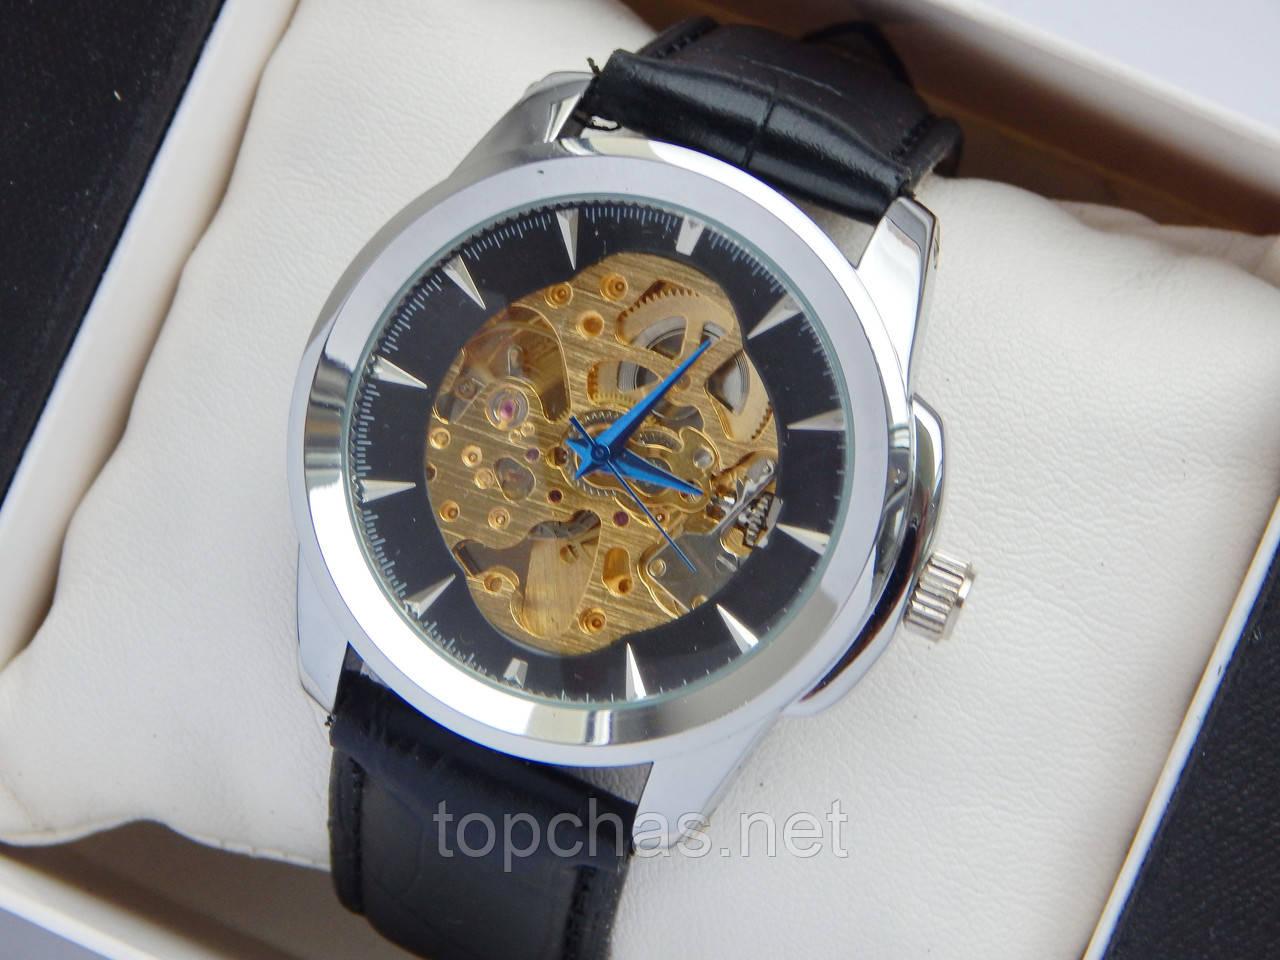 Мужские механические часы скелетоны - серебряный корпус, черный ремешок -  Top Chas - Интернет магазин c0718c46786